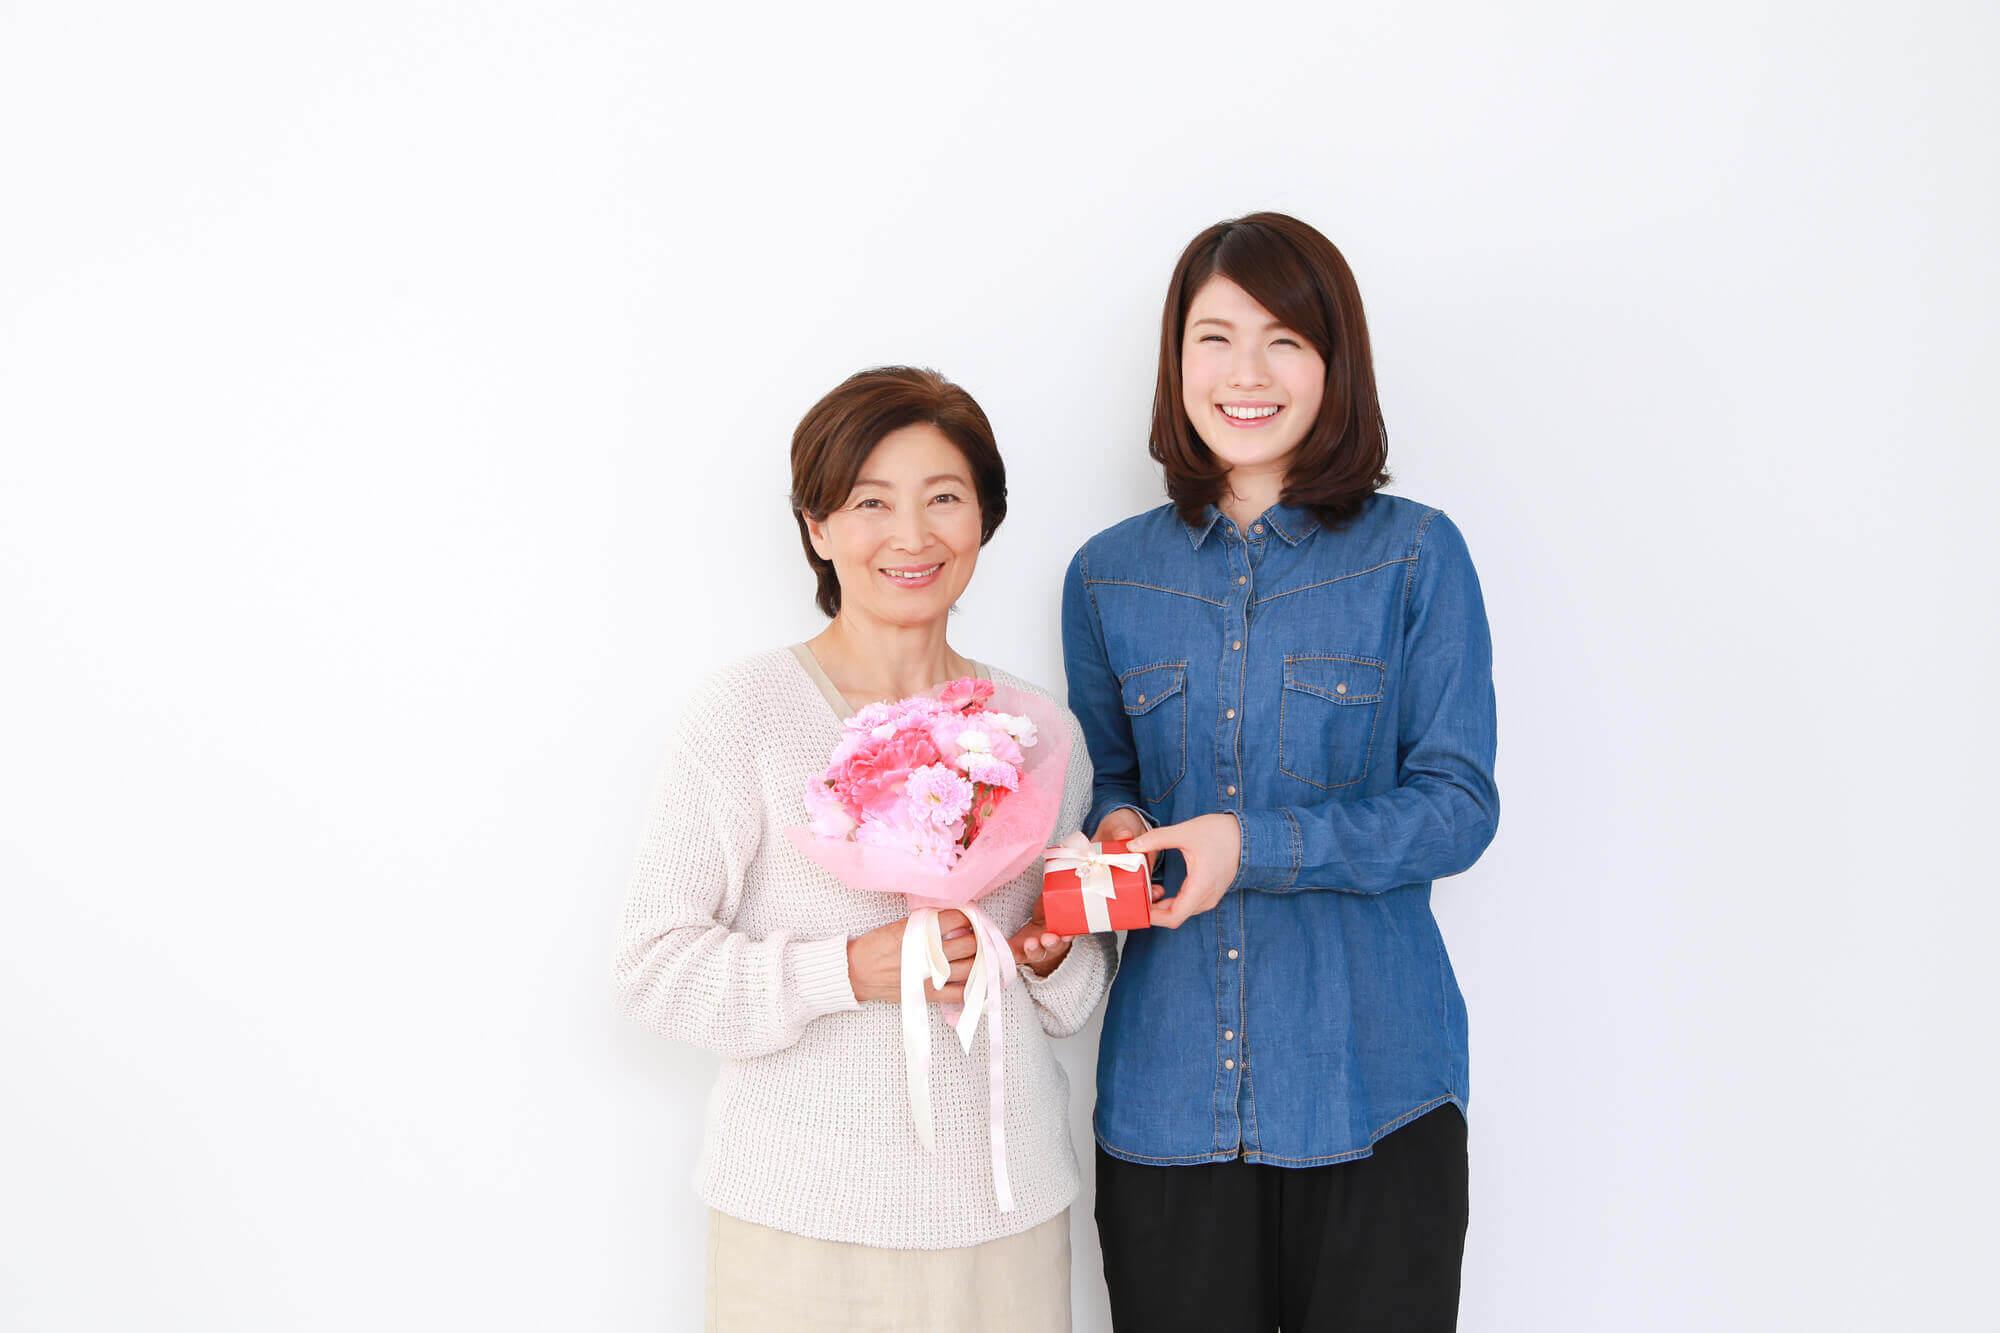 お義母さんへのプレゼント|母の日 コラム